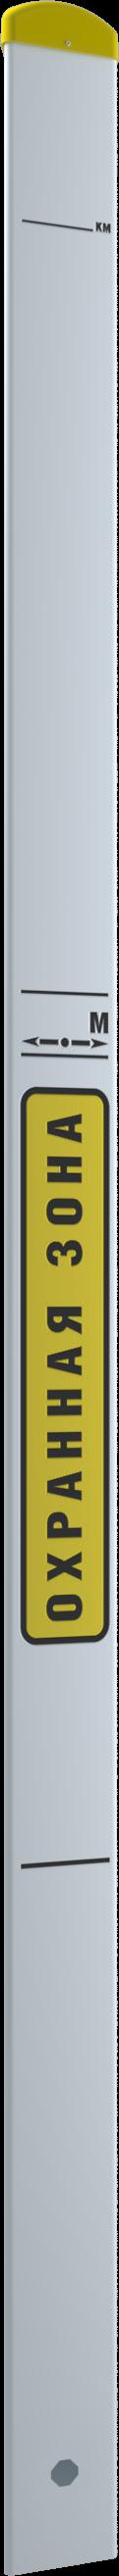 Предупреждающие знаки  ПВЕК «Маркер-Т» (сечение треугольник 130 мм)